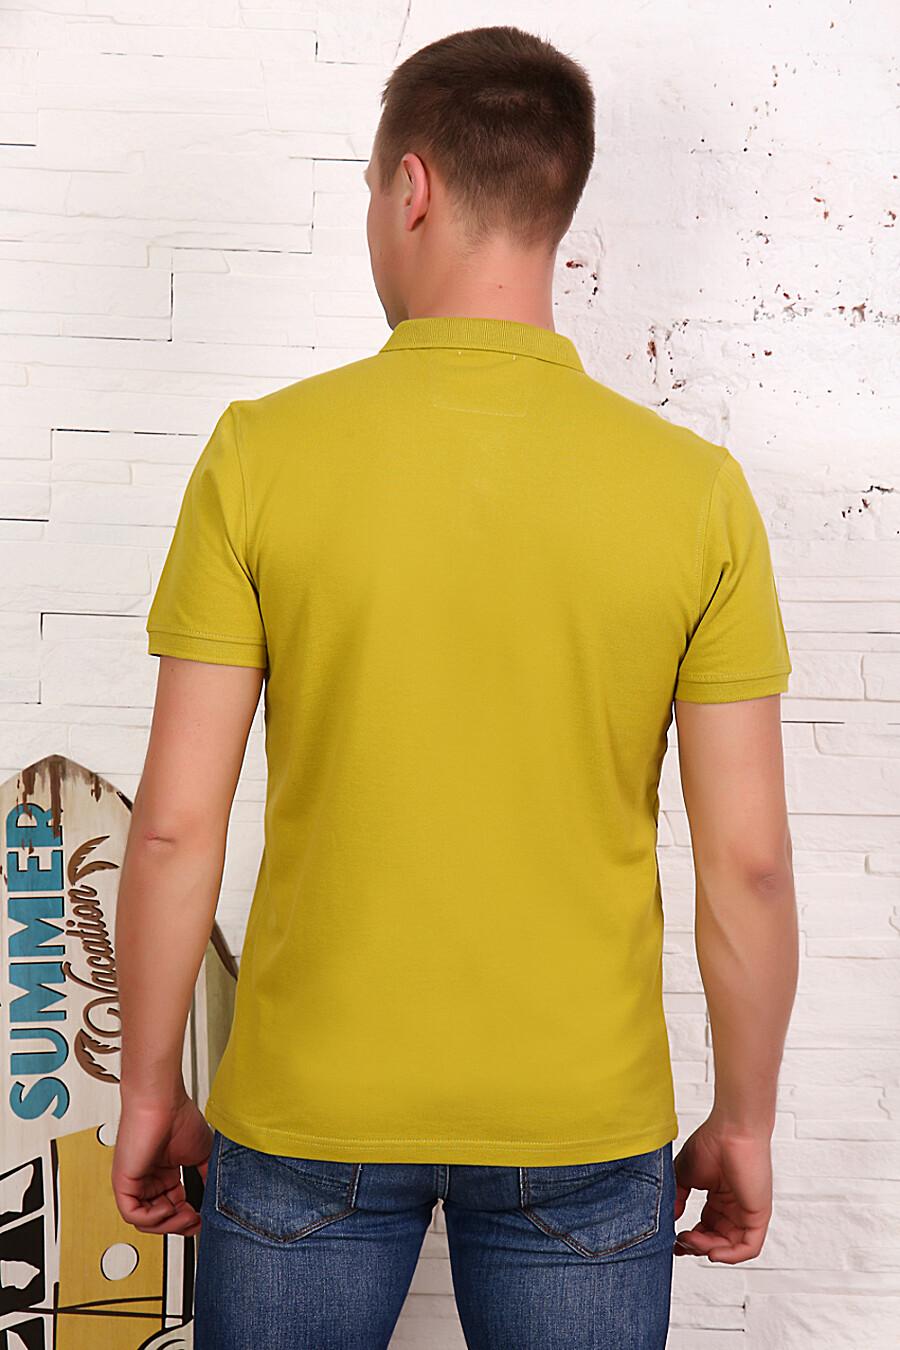 Футболка 26573 для мужчин НАТАЛИ 683249 купить оптом от производителя. Совместная покупка мужской одежды в OptMoyo